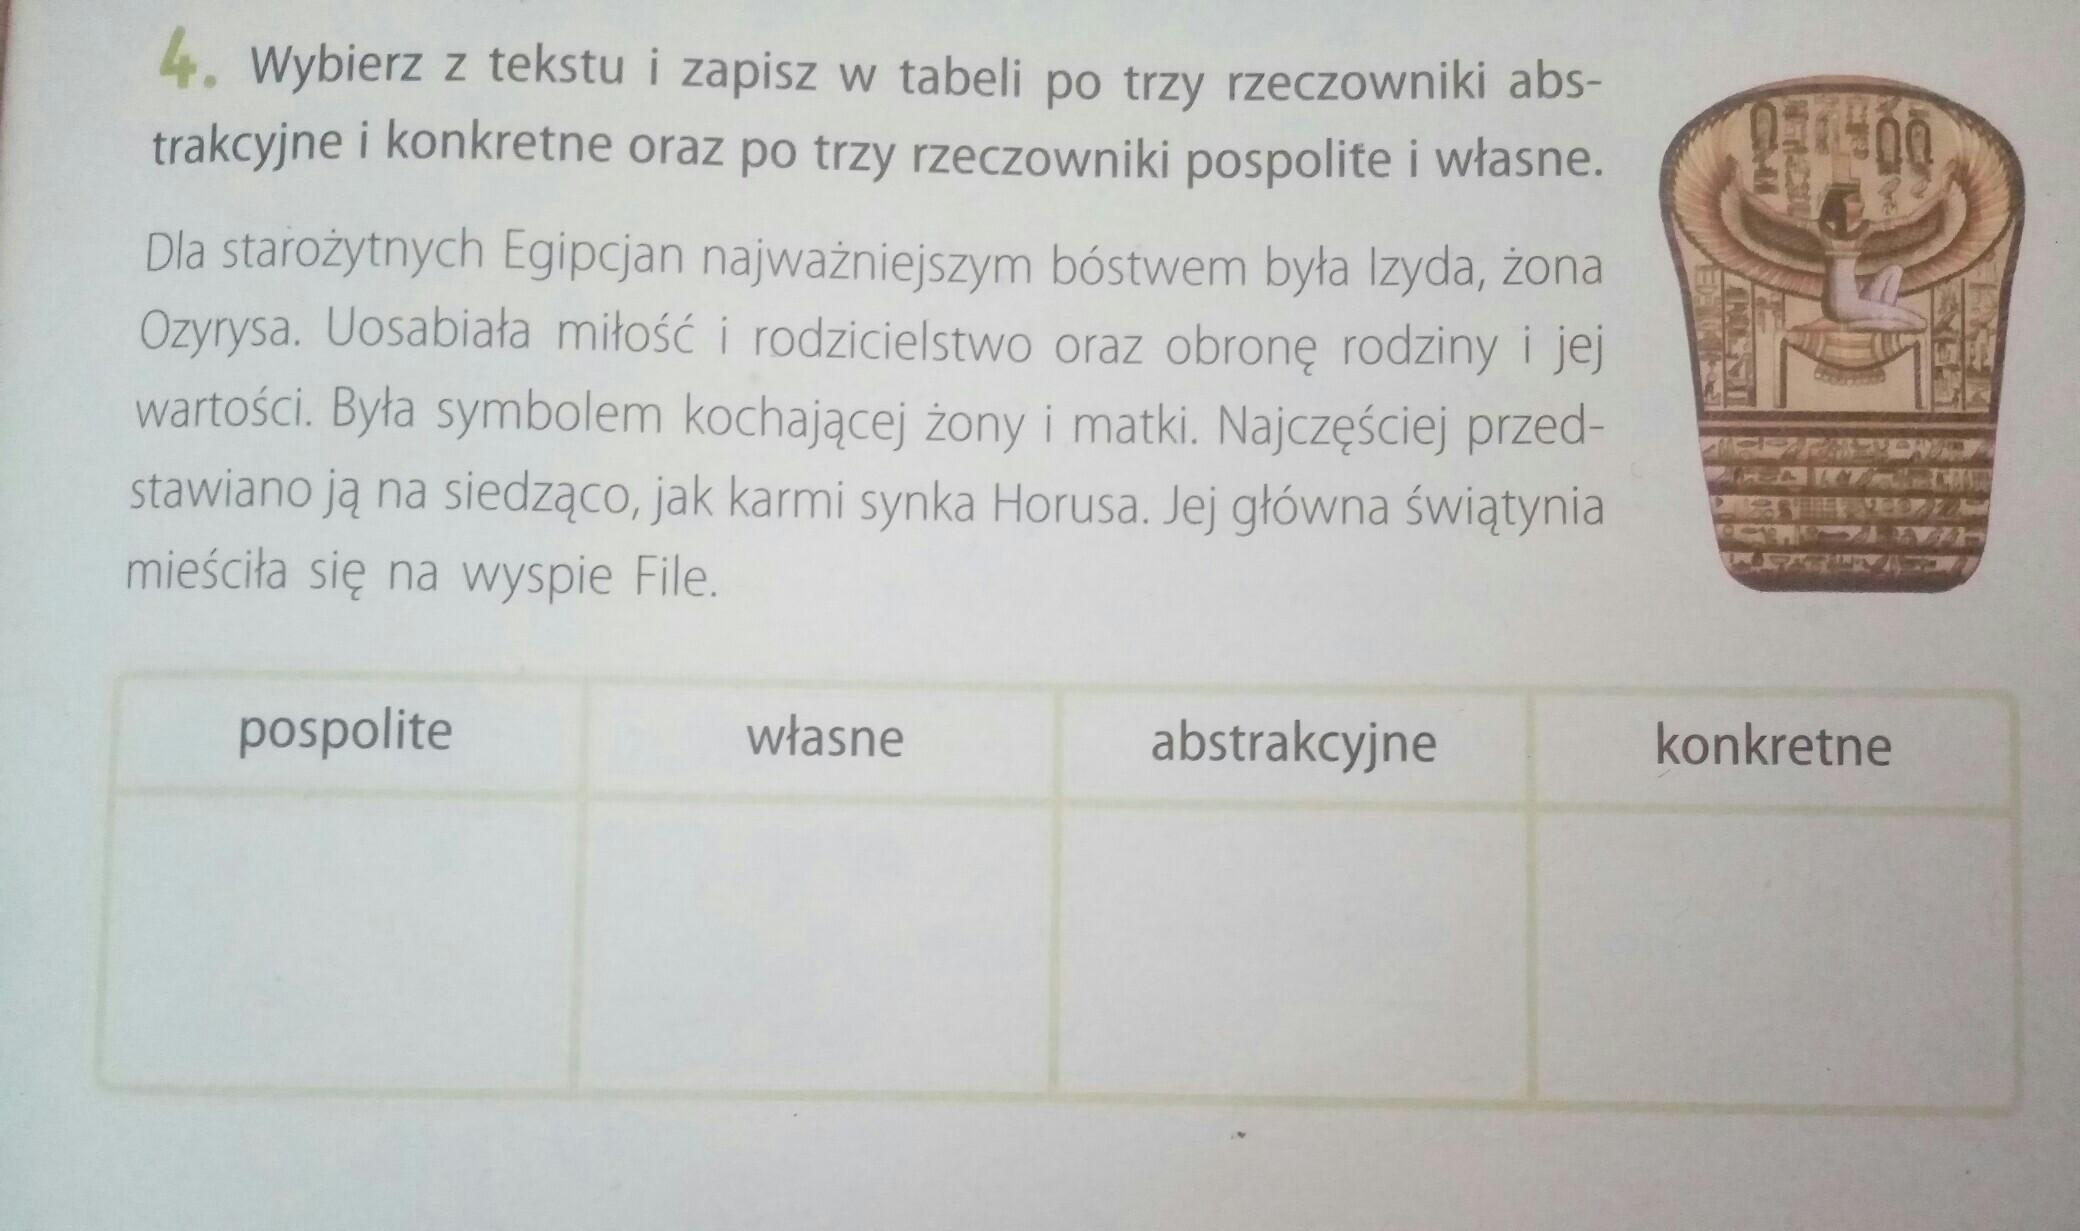 Wybierz z tekstu i zapisz w tabeli po trzy rzeczowniki abstrakcyjne i  konkretne oraz po trzy - Brainly.pl